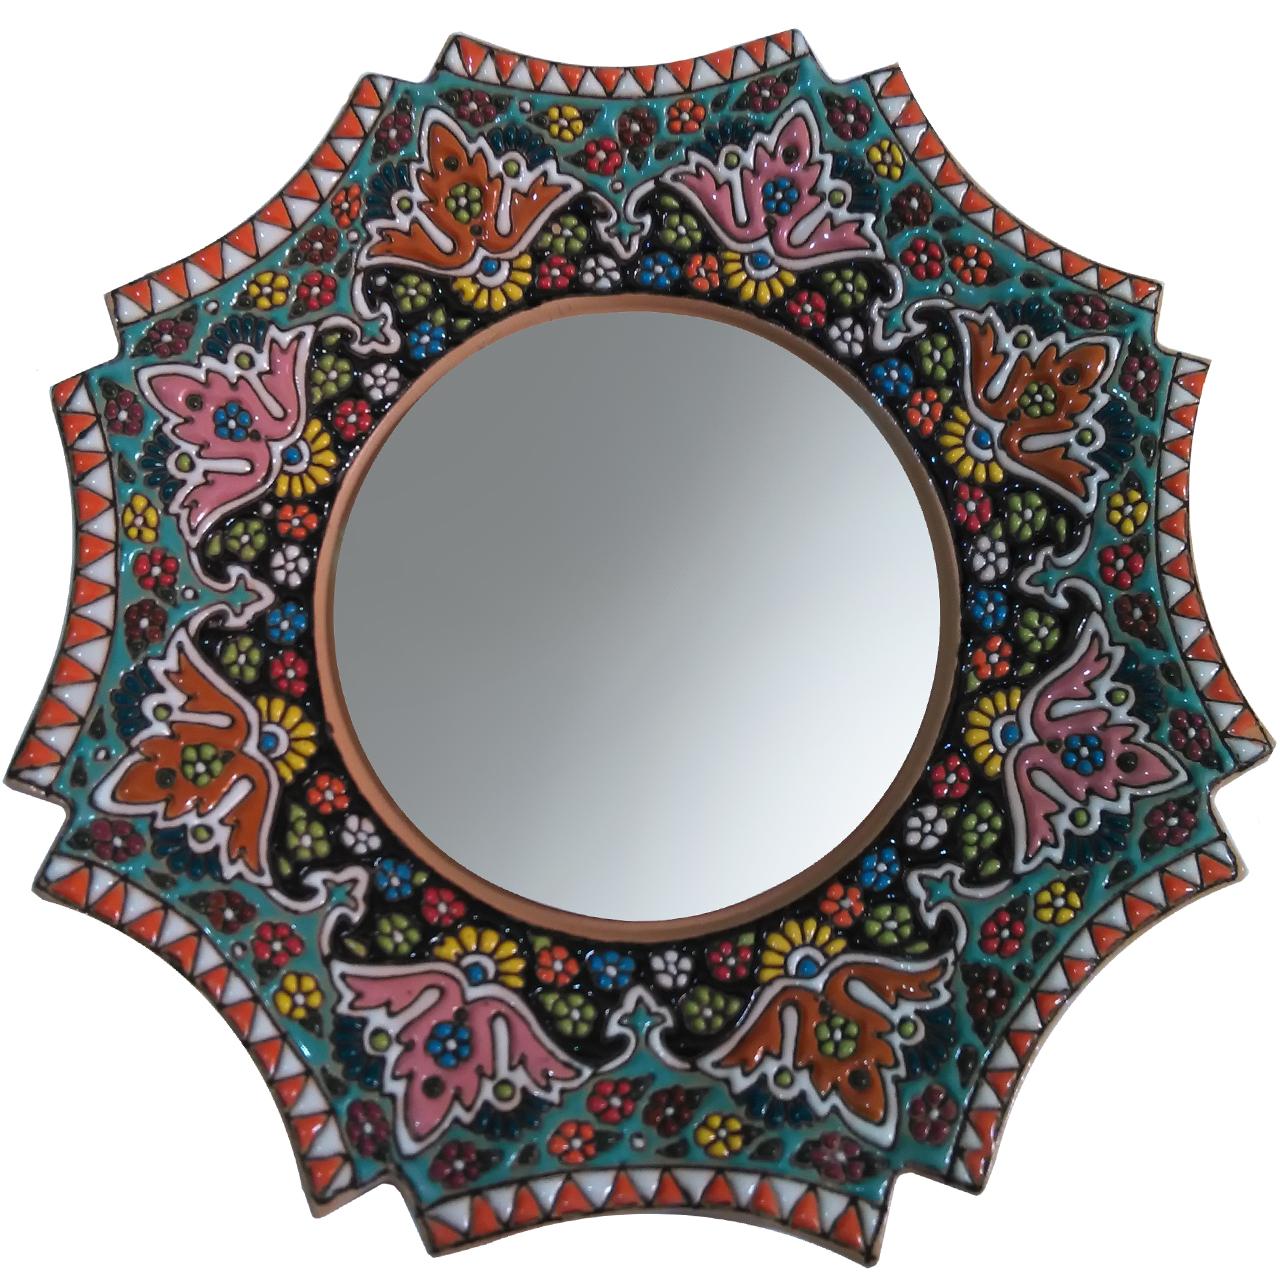 آینه سفالی طرح میناکاری قطر 25 سانتی متر کدp12